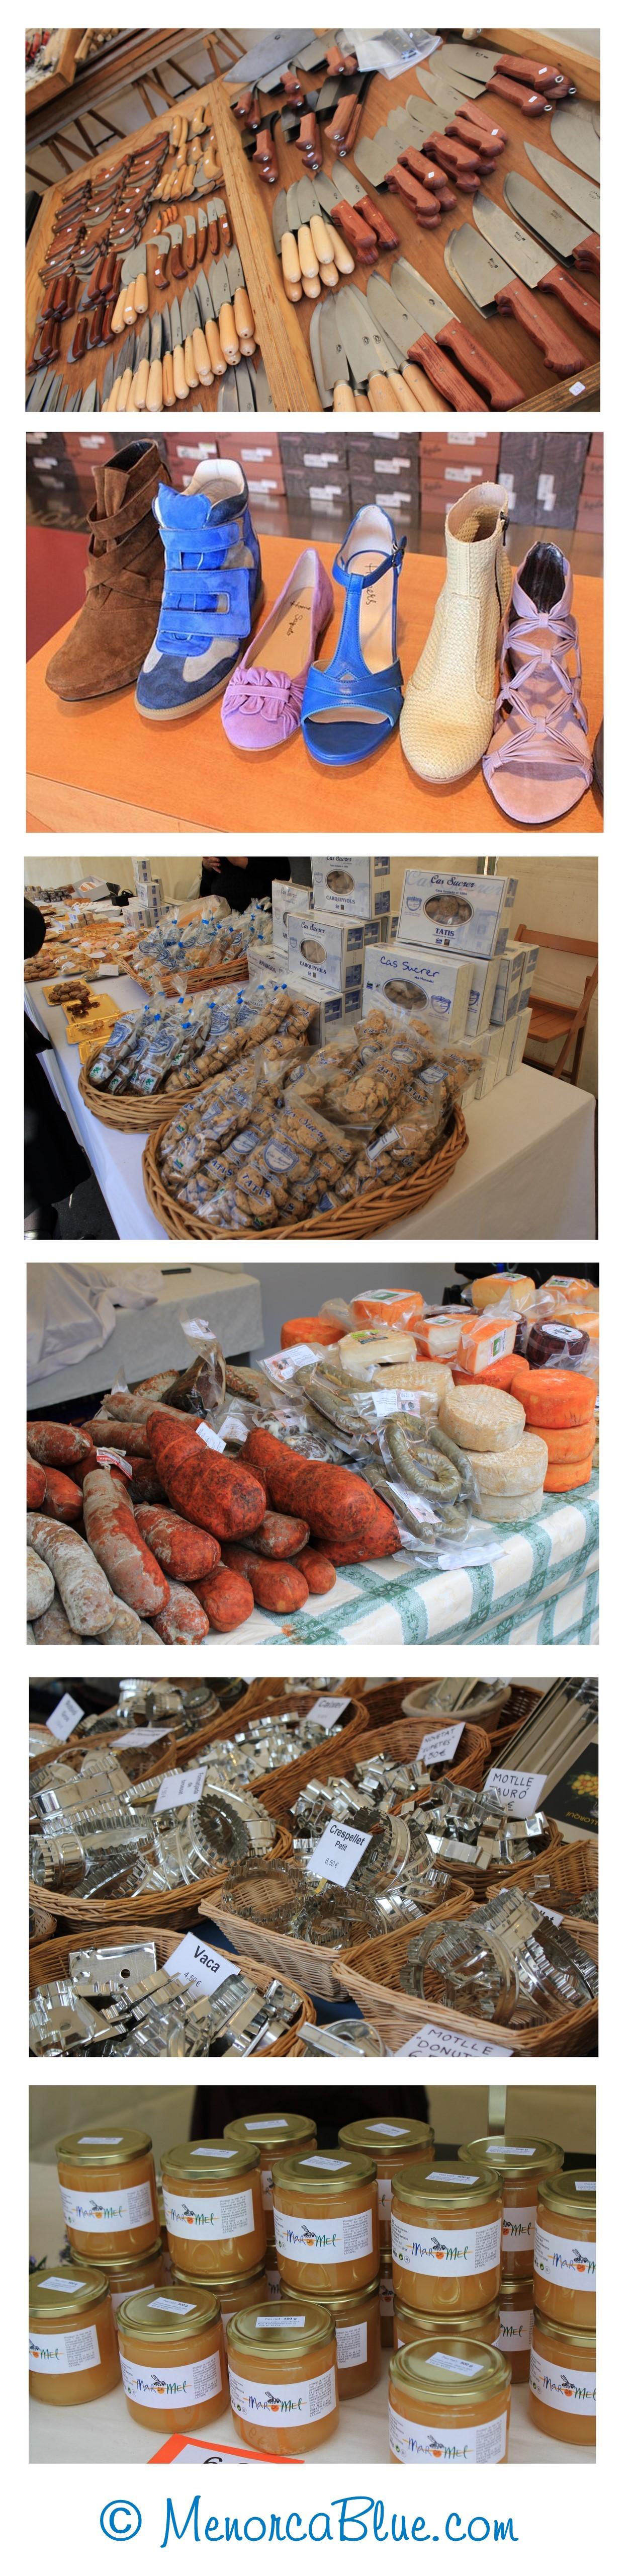 Menorca Products © MenorcaBlue.com